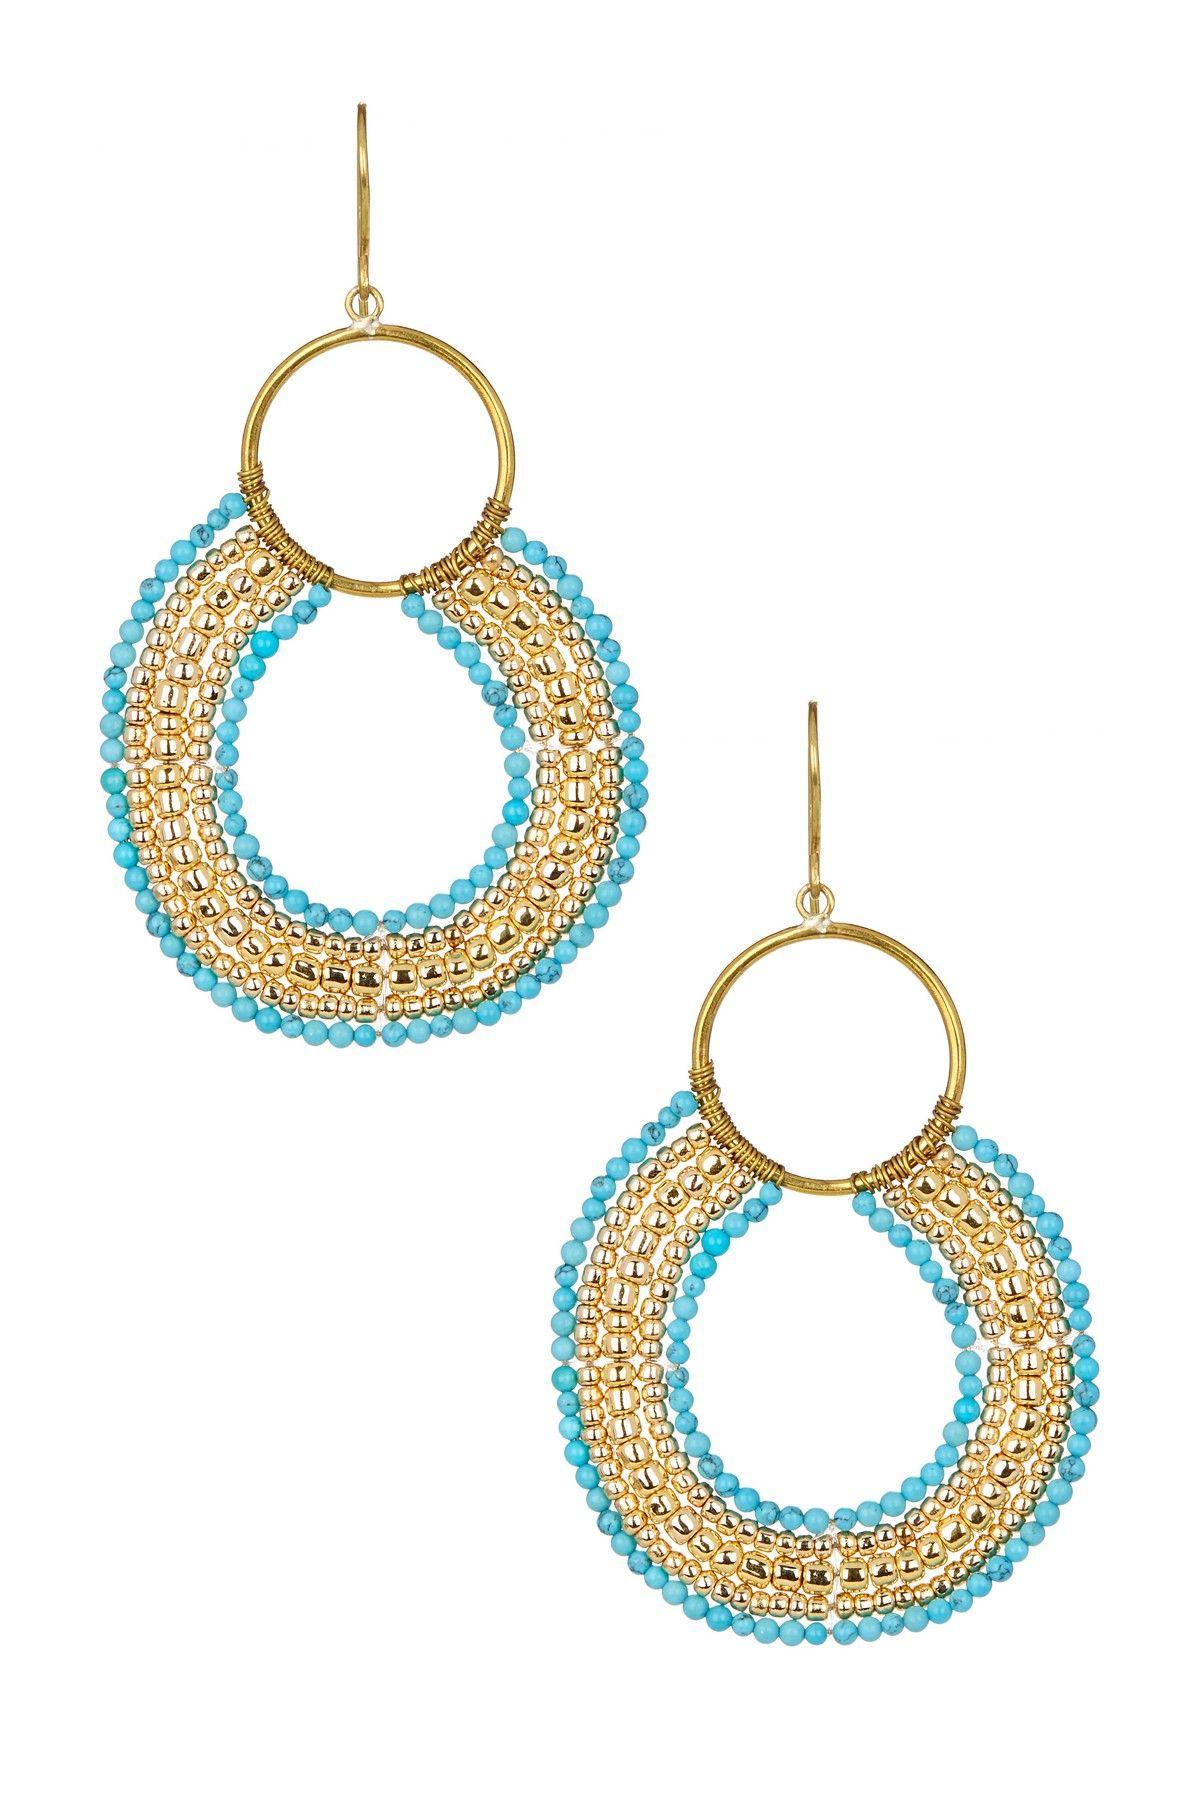 37a8b37f11f01 Gold Hoop Earrings Nordstrom Rack Nordstrom Women S Jewelry Style ...